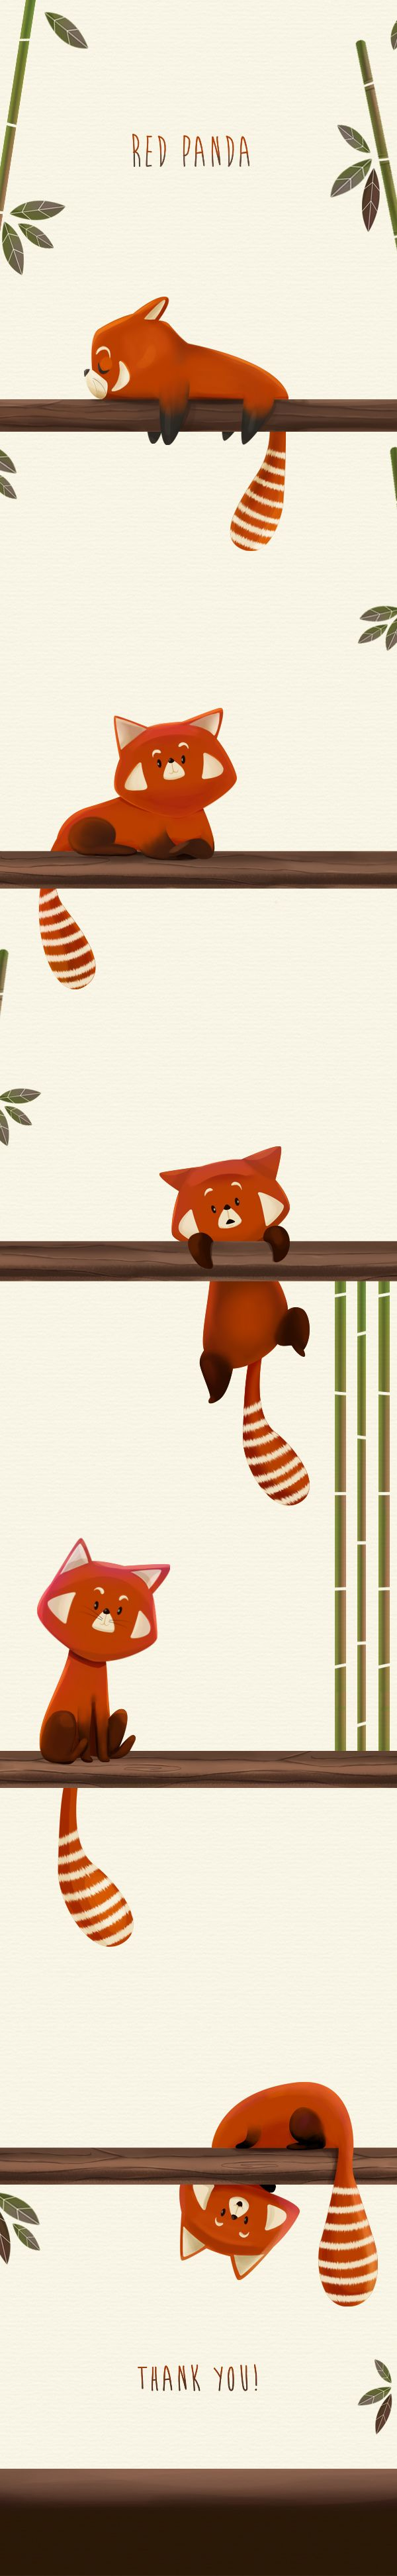 https://www.behance.net/gallery/20013682/Red-Panda